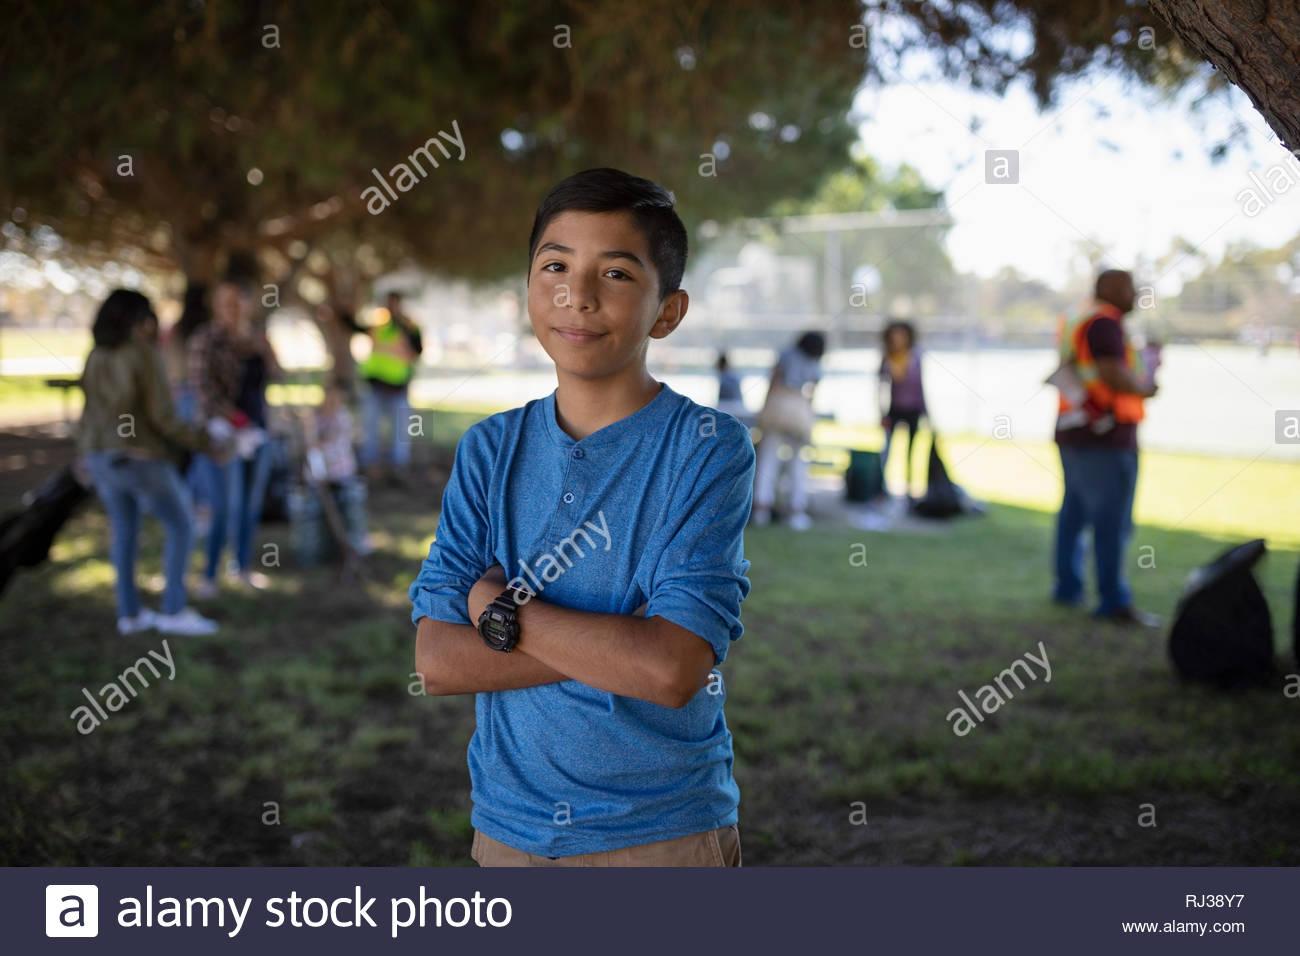 Retrato seguros Latinx boy voluntariado, parque de limpieza Foto de stock